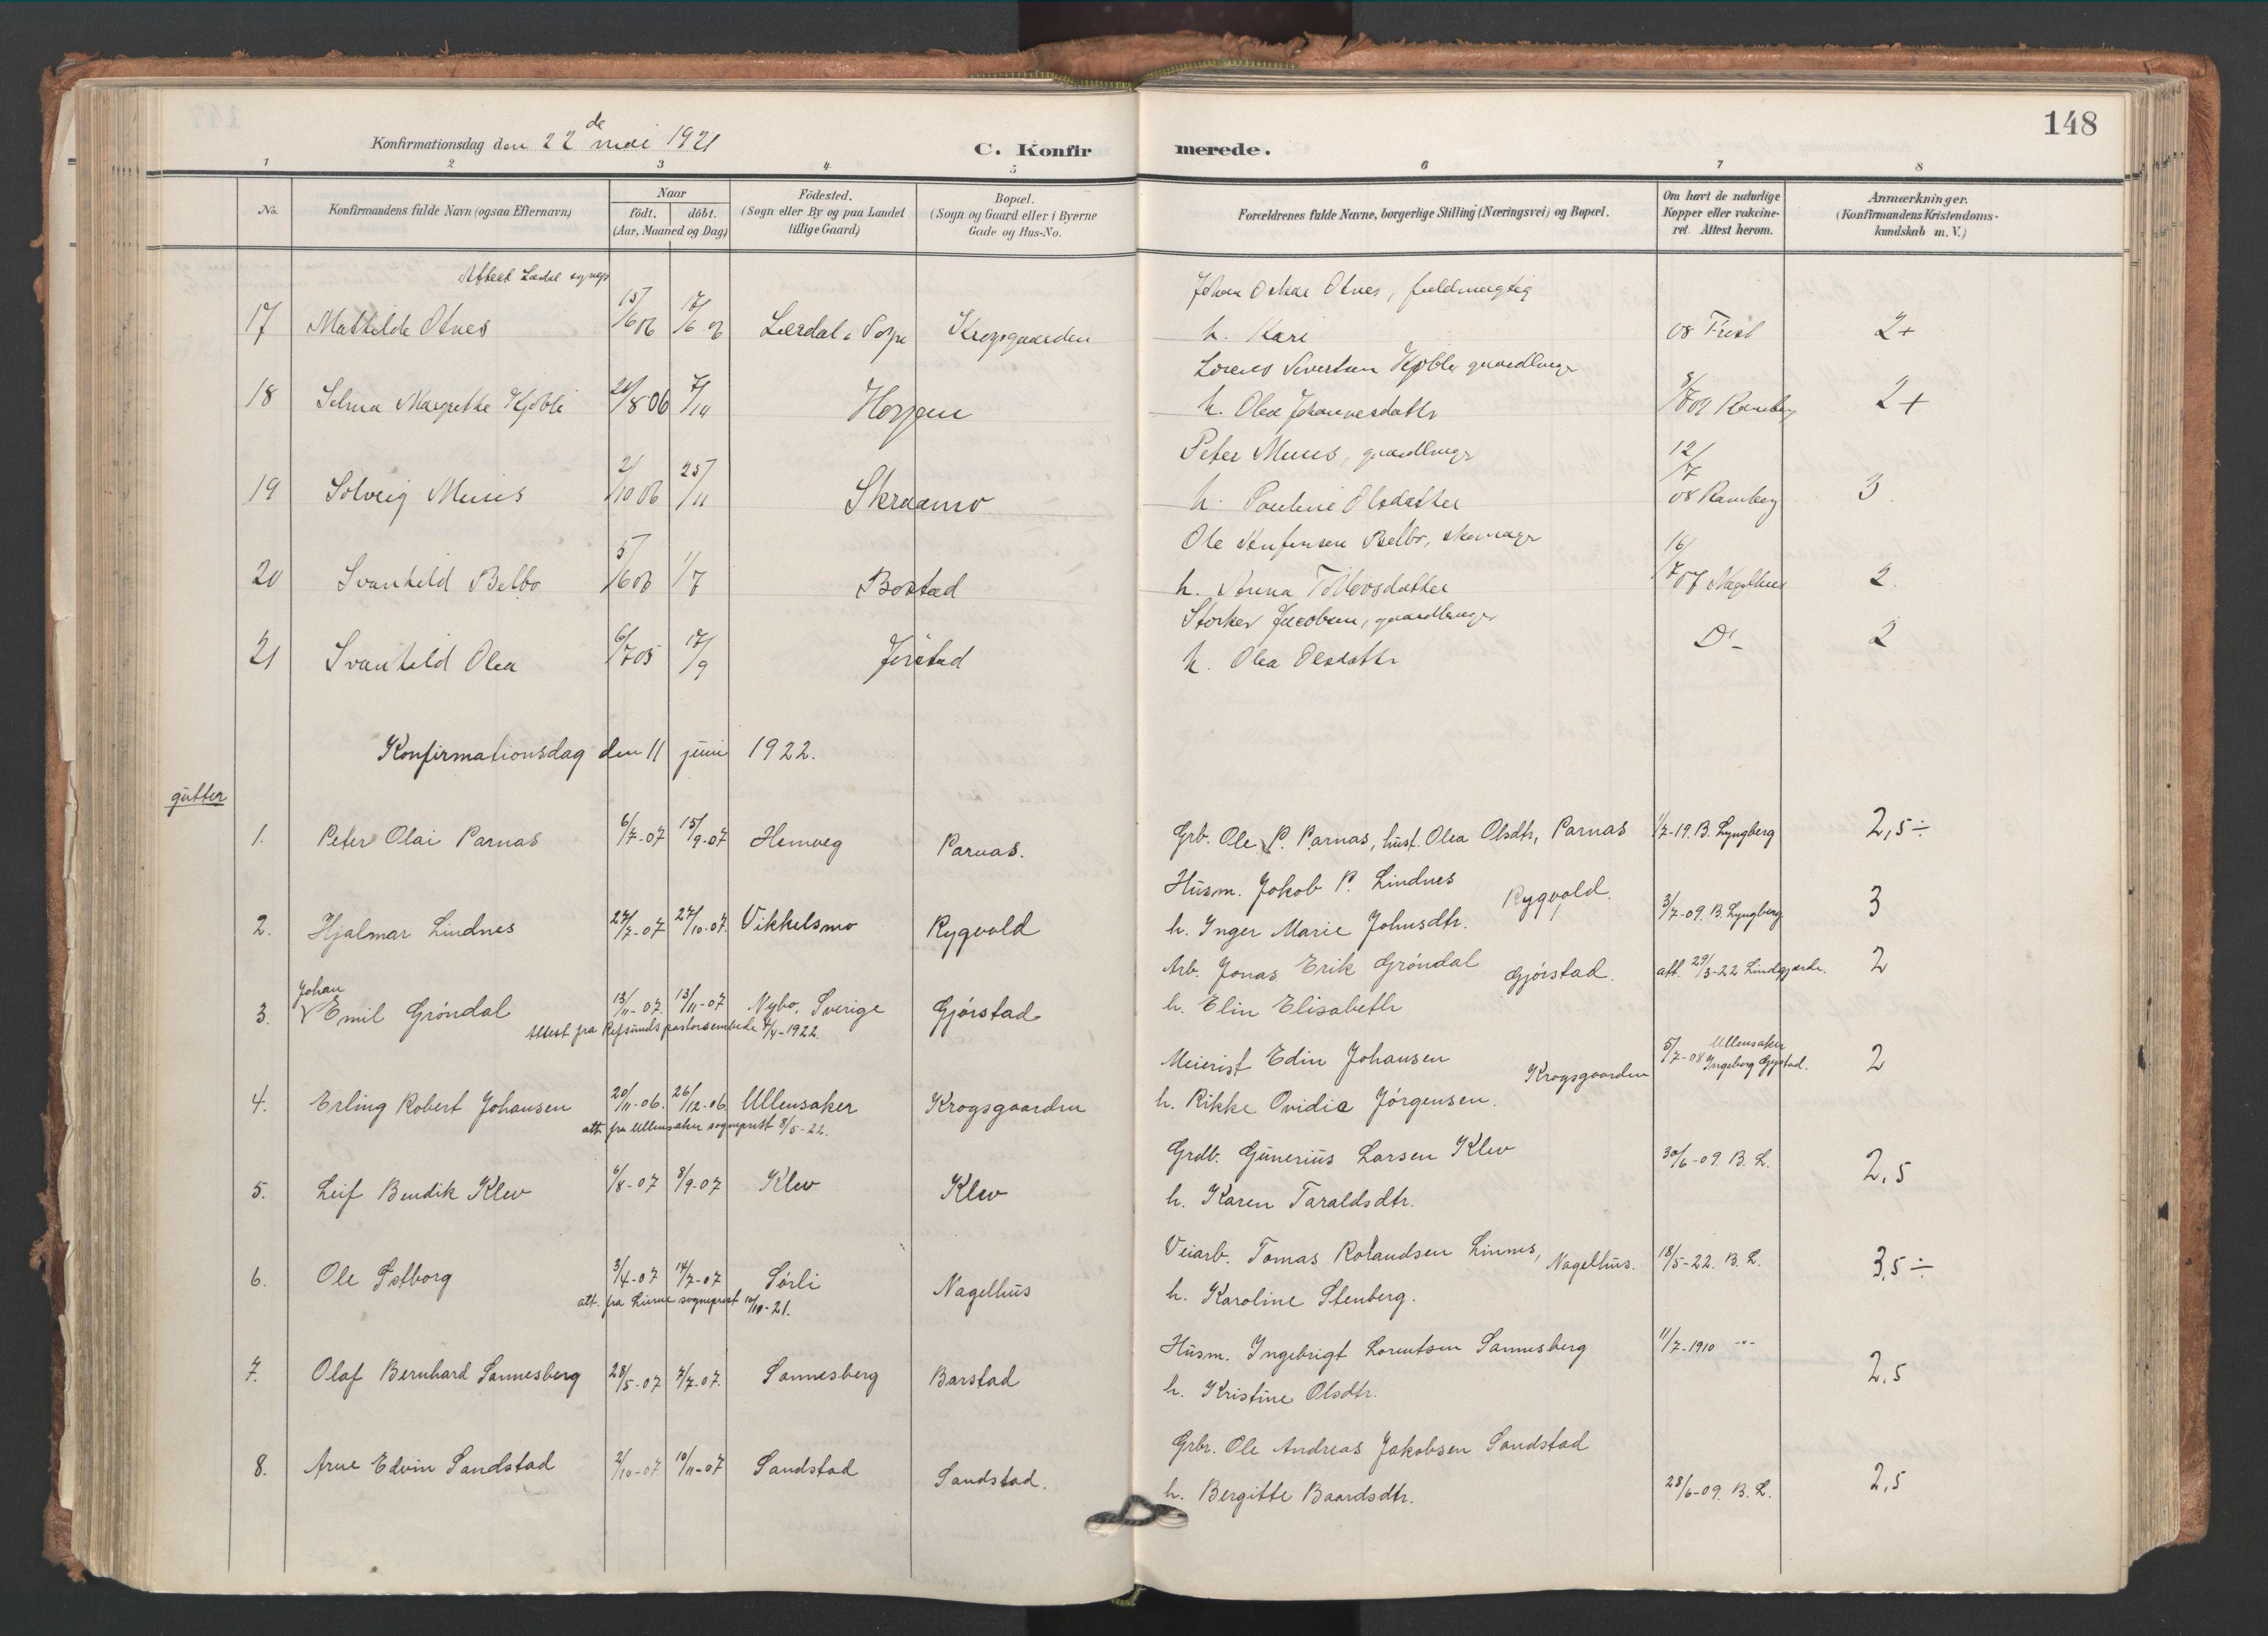 SAT, Ministerialprotokoller, klokkerbøker og fødselsregistre - Nord-Trøndelag, 749/L0477: Ministerialbok nr. 749A11, 1902-1927, s. 148